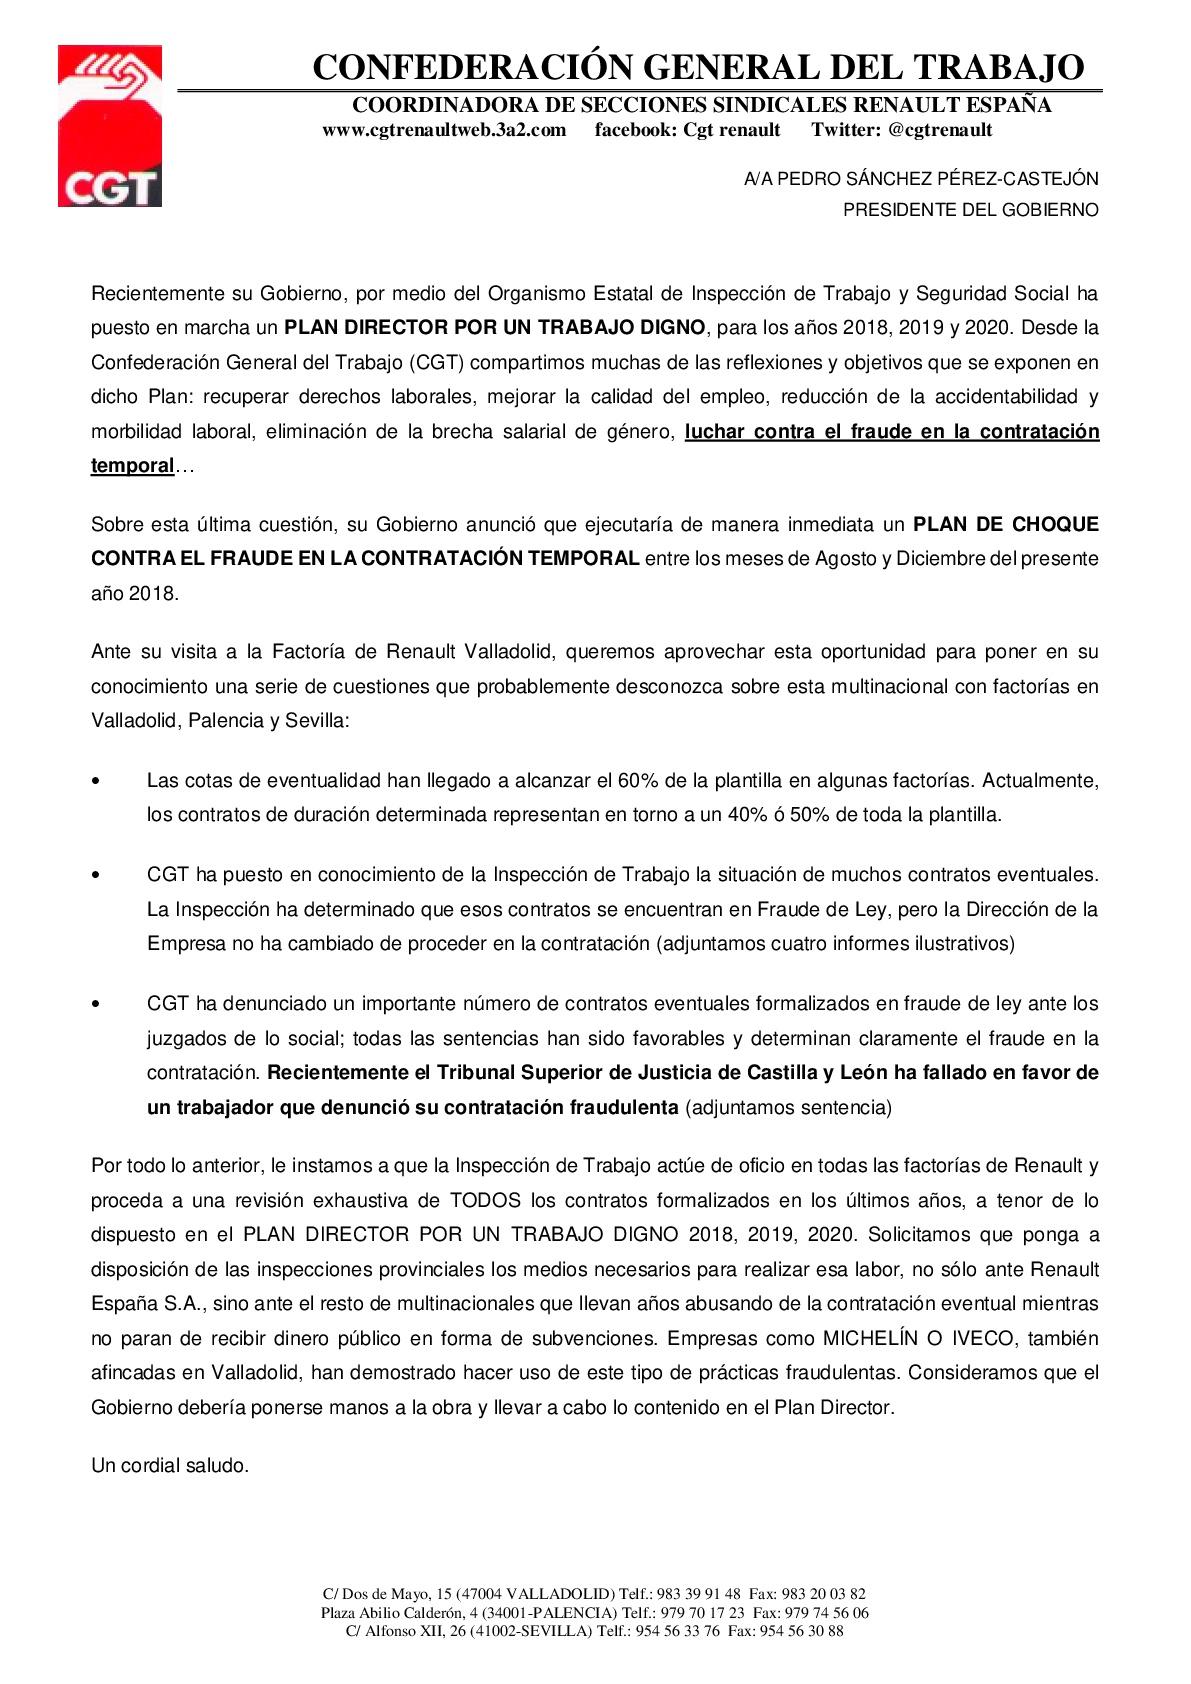 CARTA PEDRO SANCHEZ-001